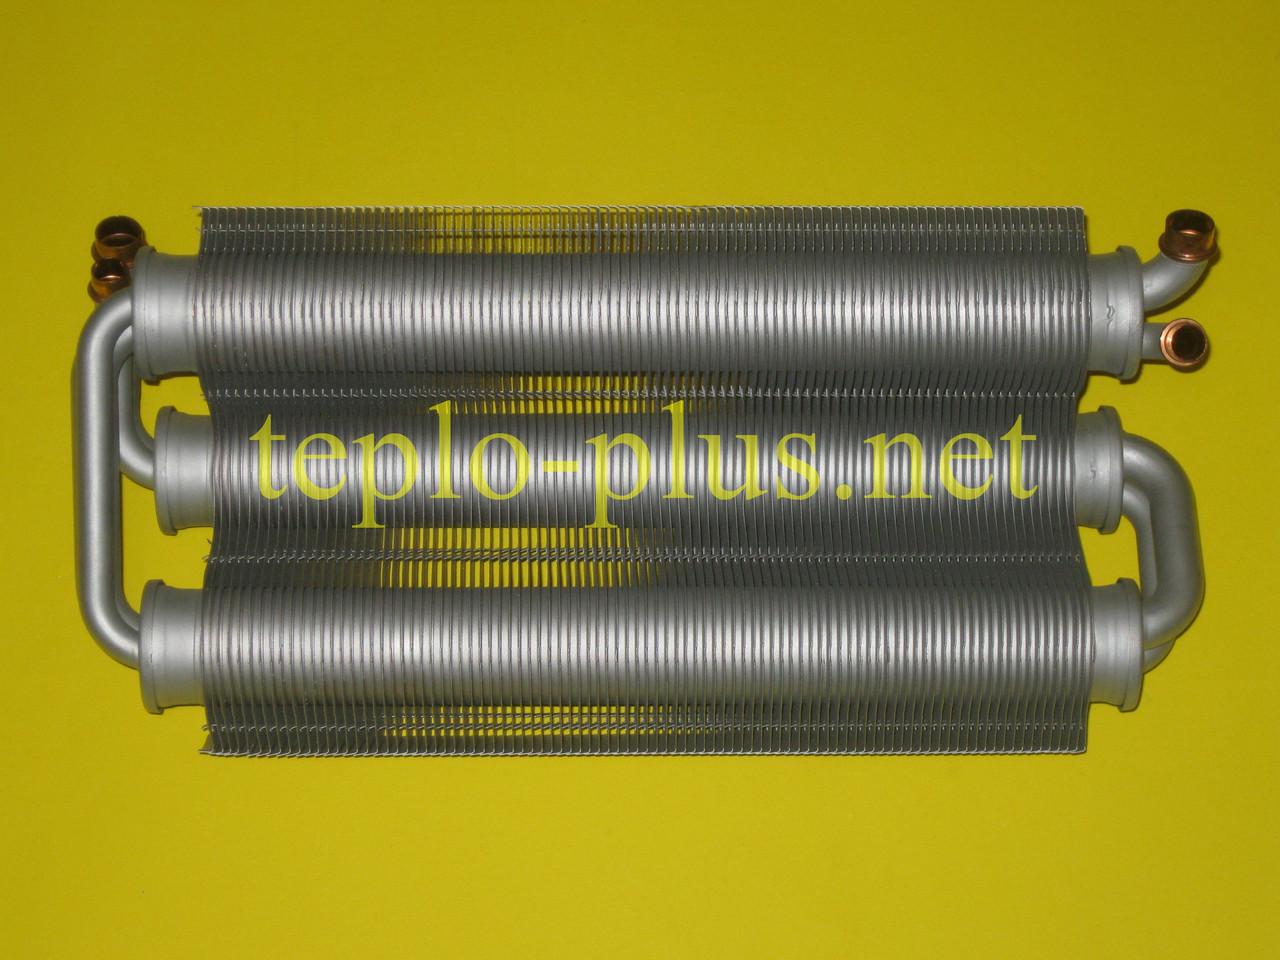 Теплообменник битермический 30 кВт 39819650 Ferroli Domicompact С30, F30, С30D, F30D, FerellaZip C30, F30, фото 3